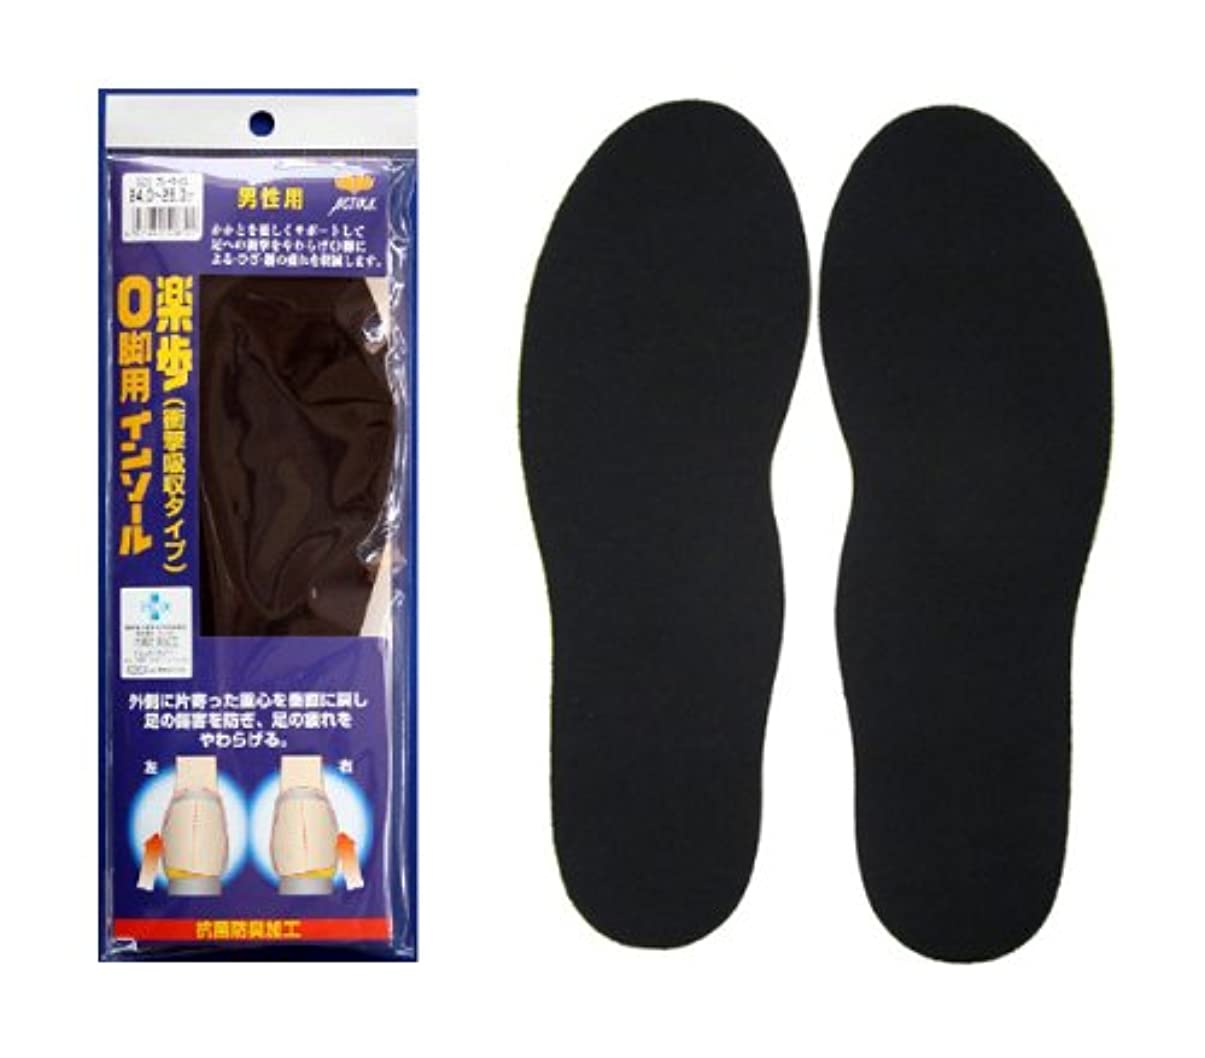 犬建物カカドゥ楽歩 O脚用インソール 男性用(24.0~28.0cm) 2足セット  No.162